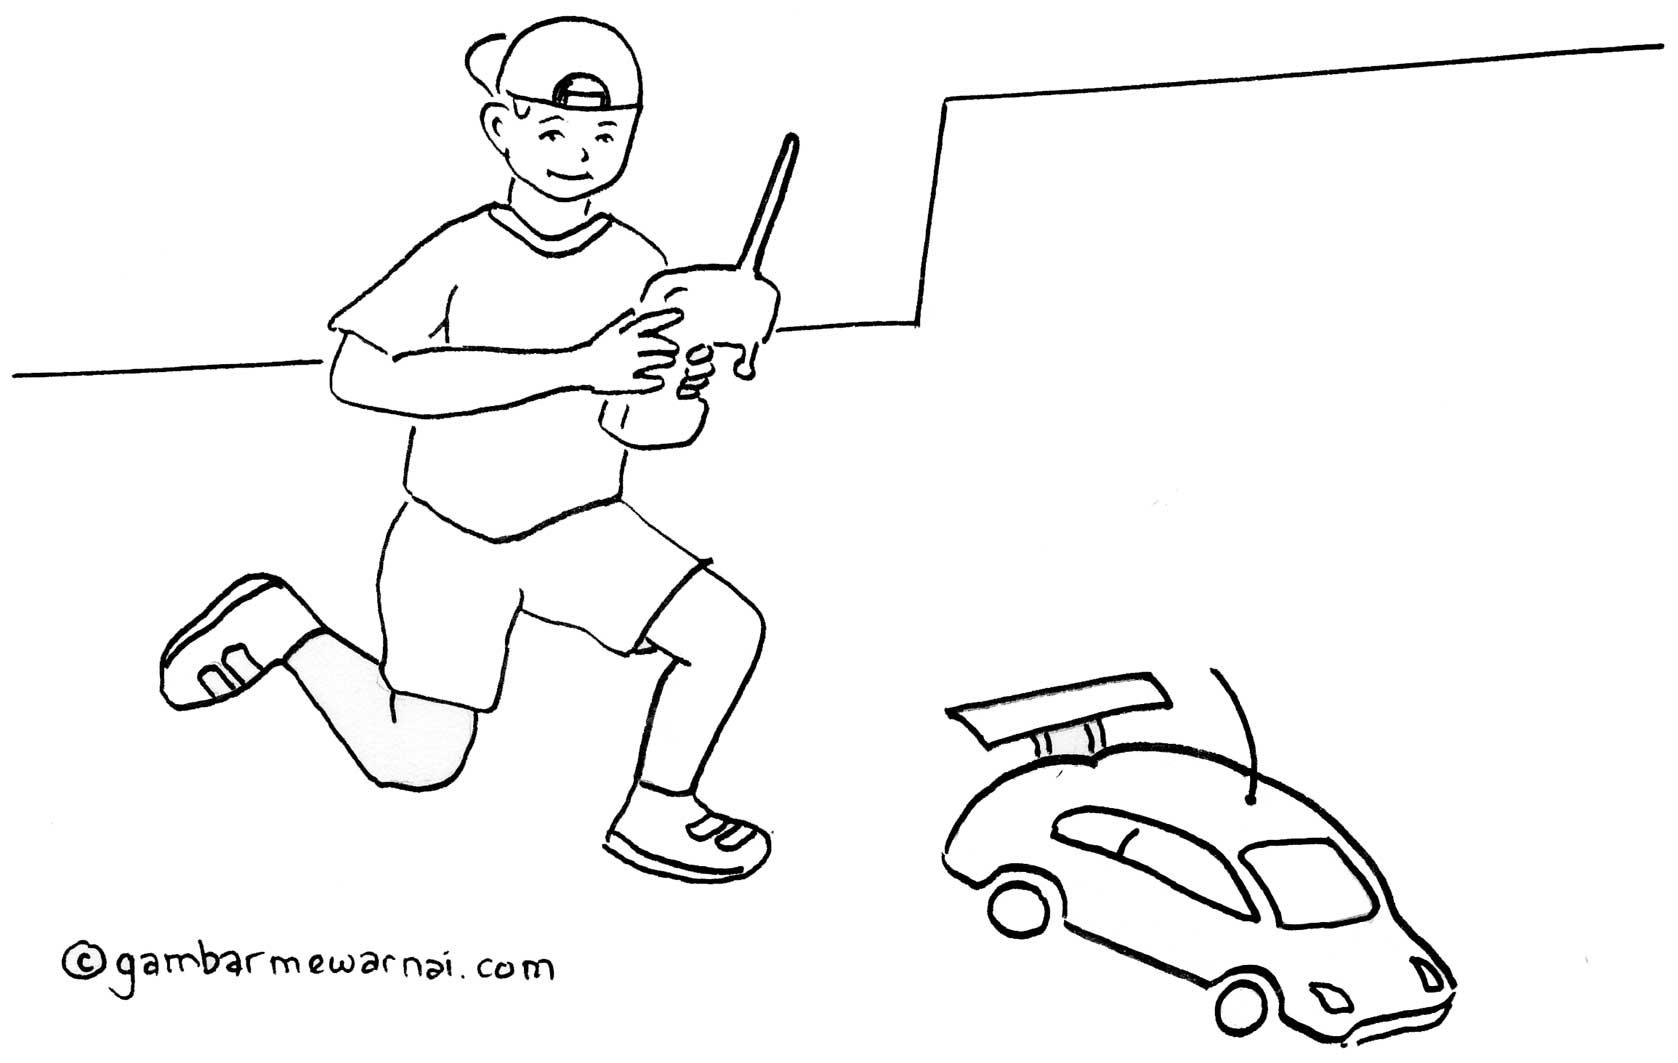 gambar mewarnai anak bermain mobil remote control